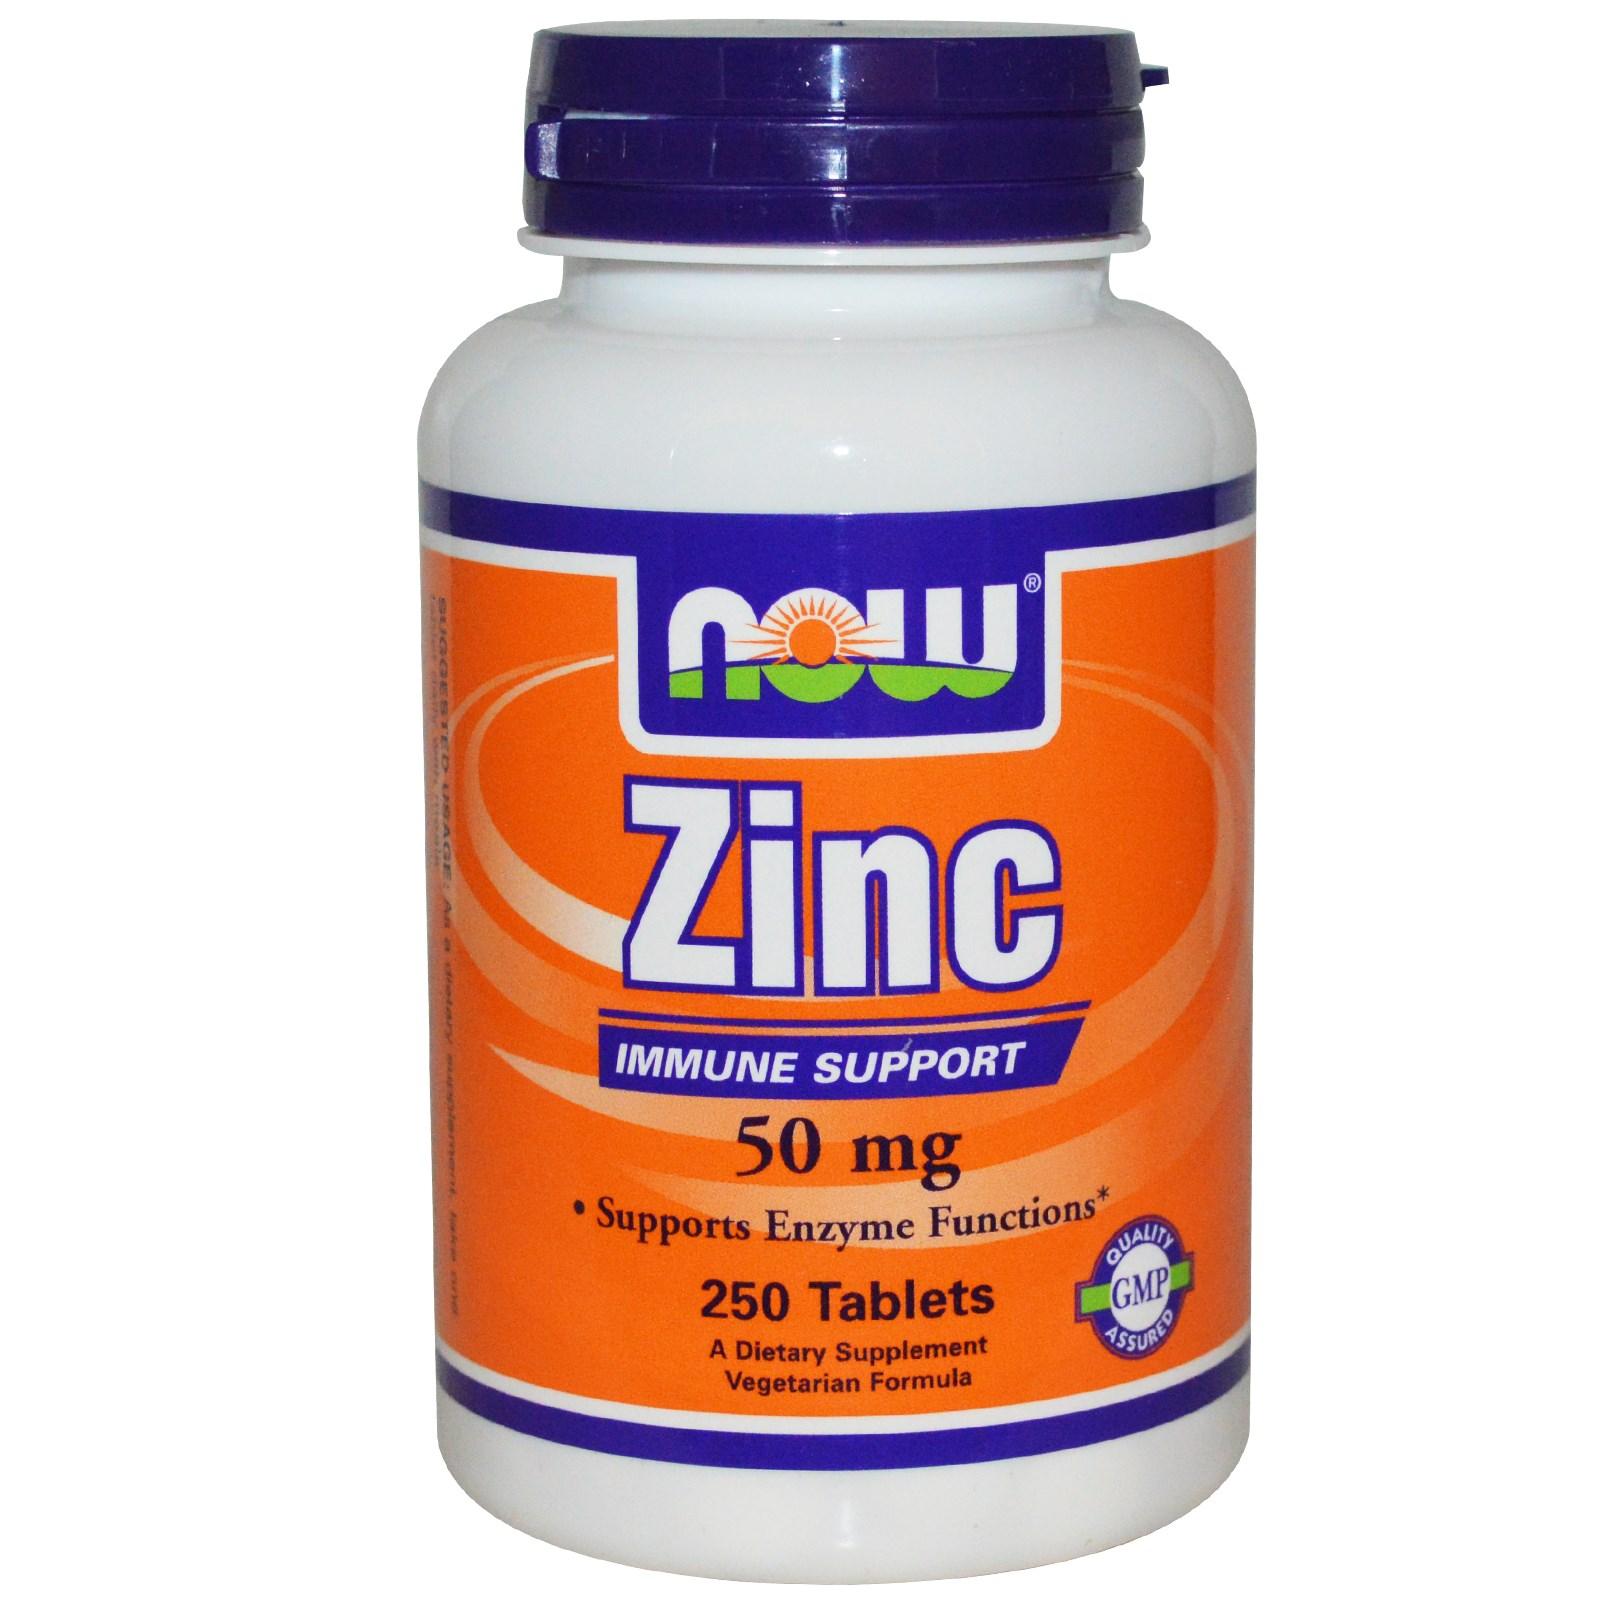 دارو زنیک سولفات Zinc supplement